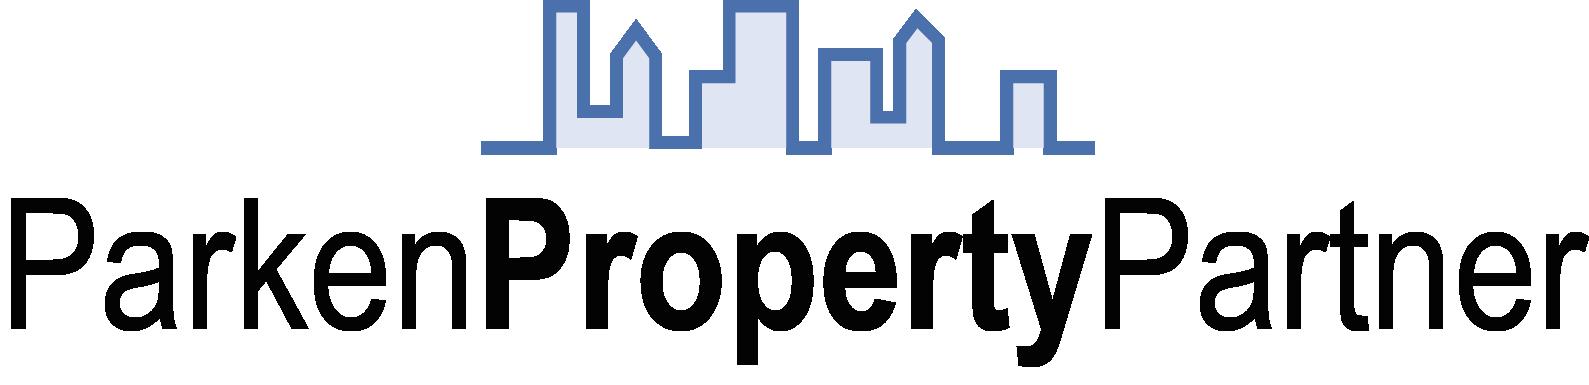 Parken Property Partner